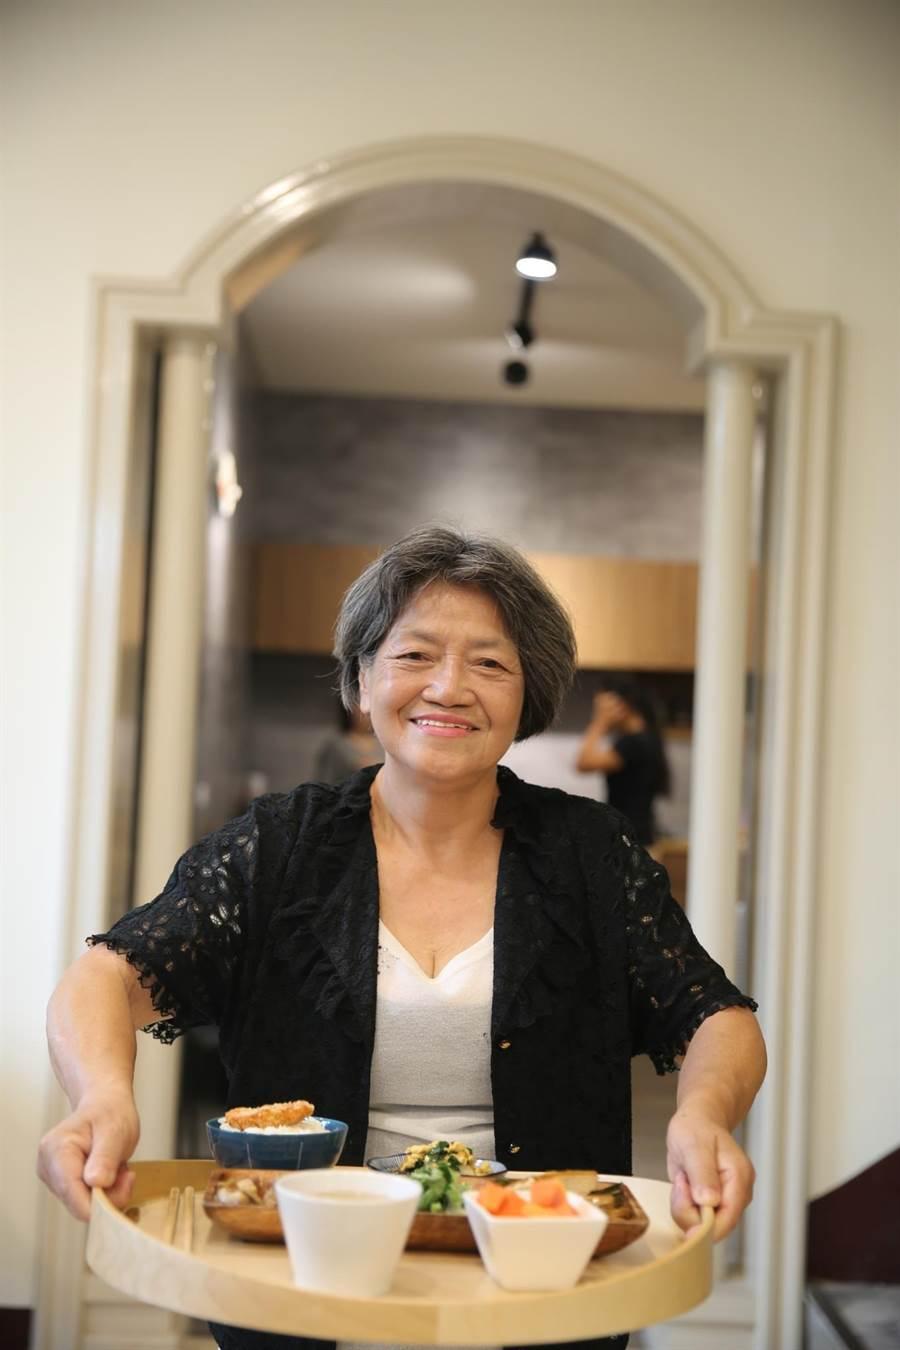 在廚房裡將秀老郎日照中心製作的午餐分裝盛盤後,74歲照服員周蓮香會一一為長者們端上餐桌。(謝瓊雲攝)